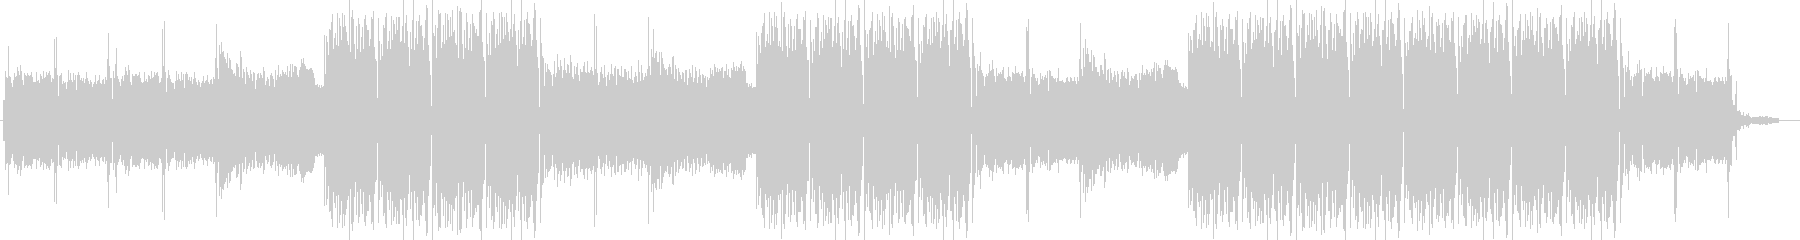 EDMクラブ系ダンスミュージック-04の未再生の波形